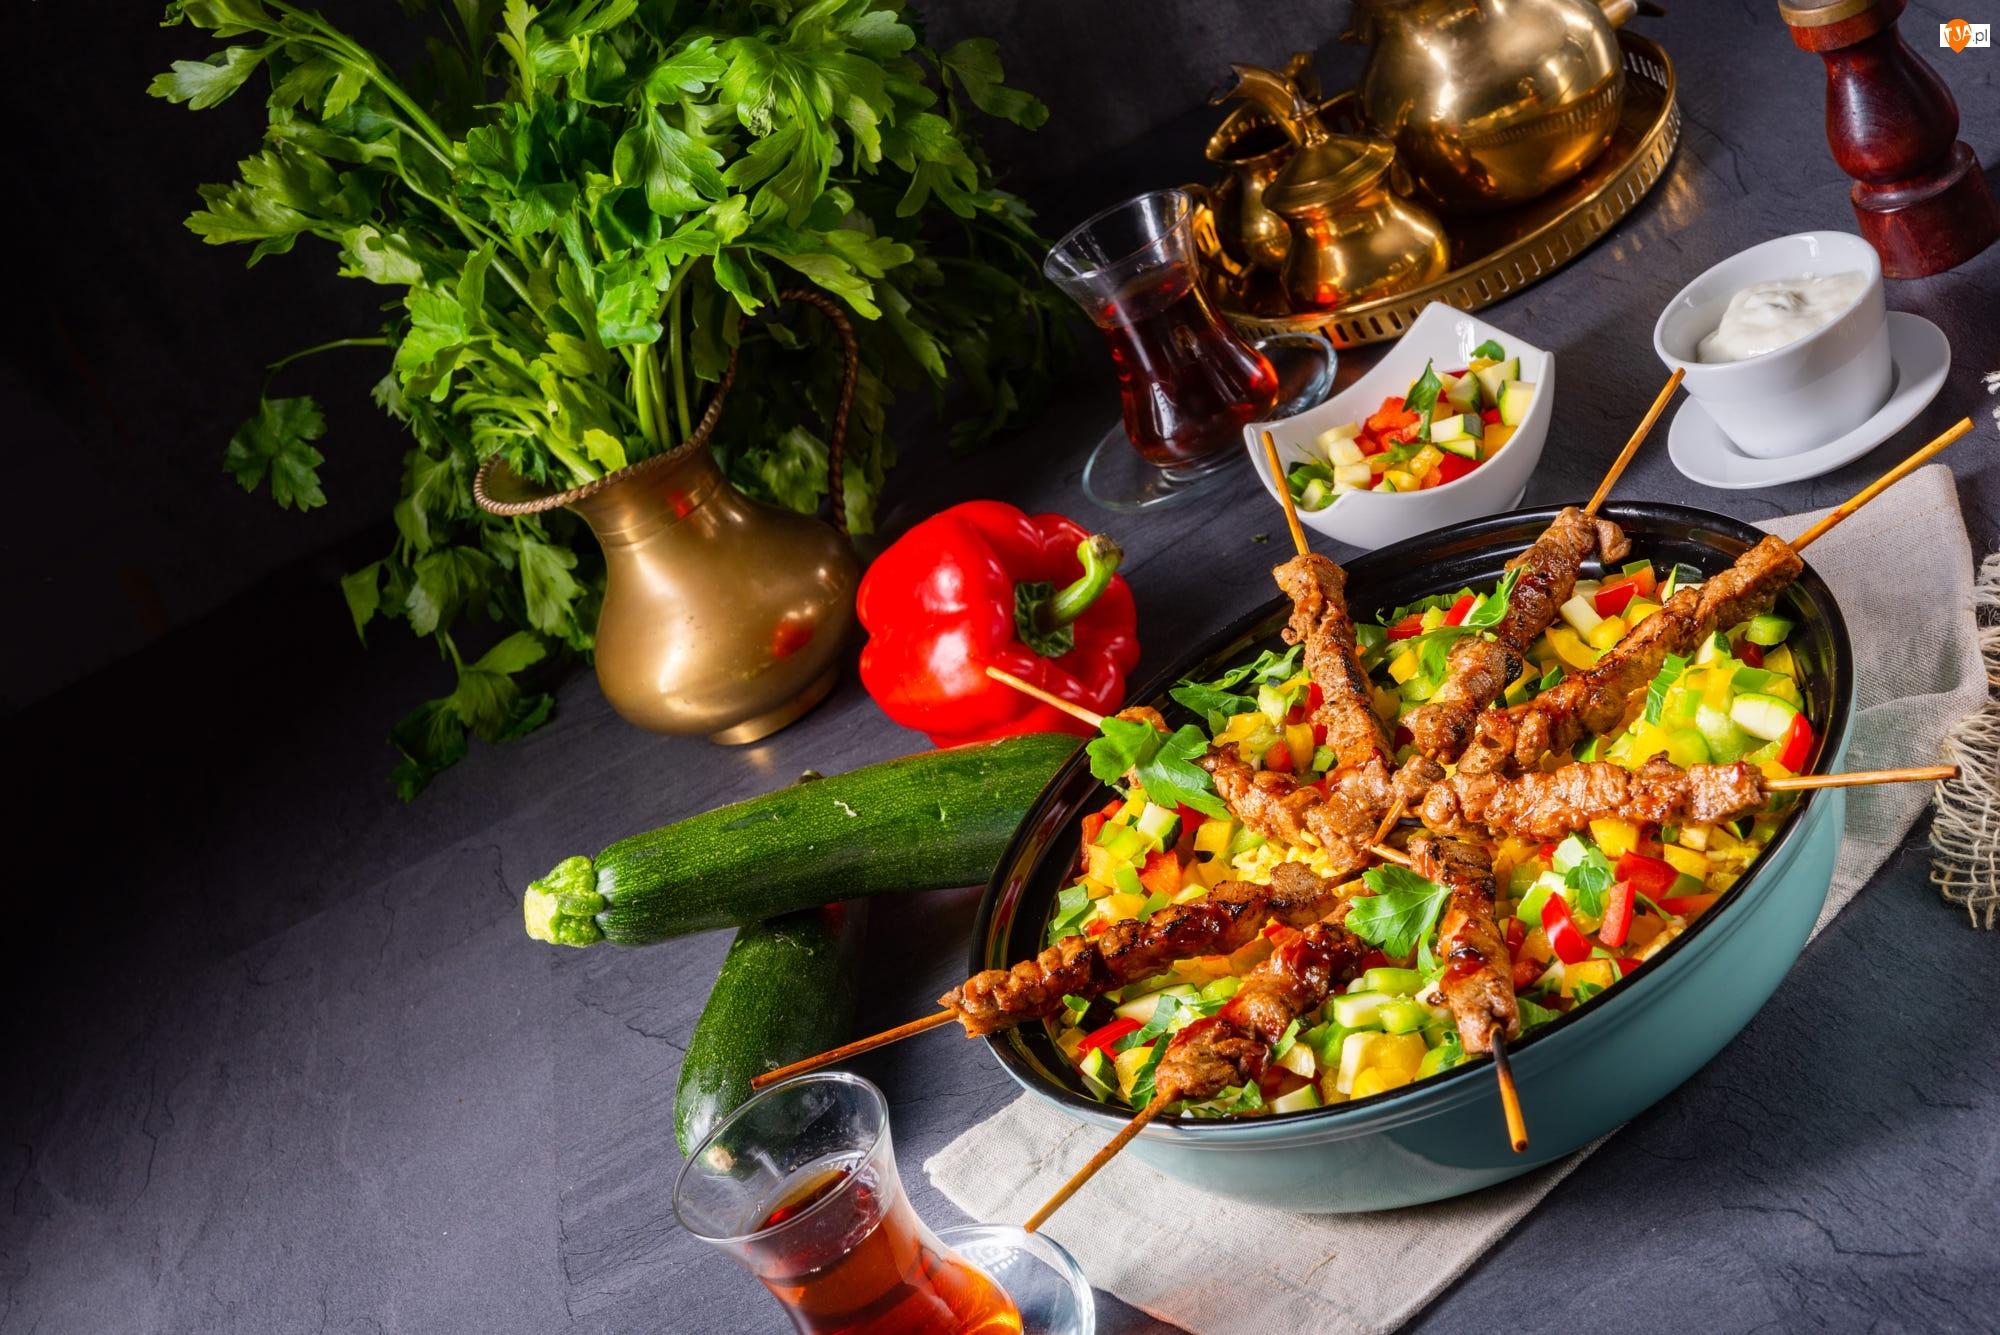 Talerz, Warzywa, Herbata, Szaszłyki, Pietruszka, Papryka, Cukinia